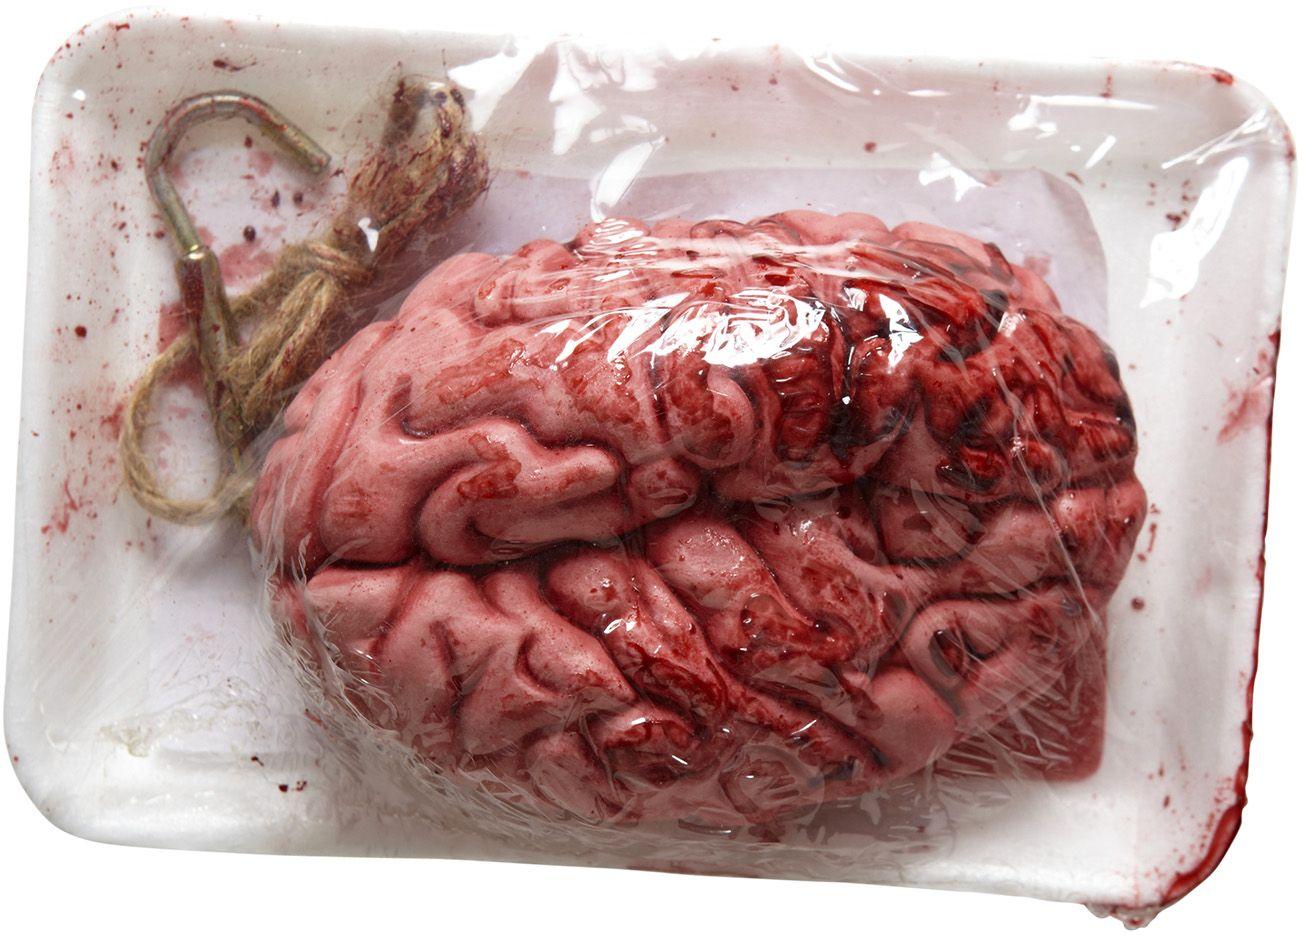 Verpakte bloedende hersenen